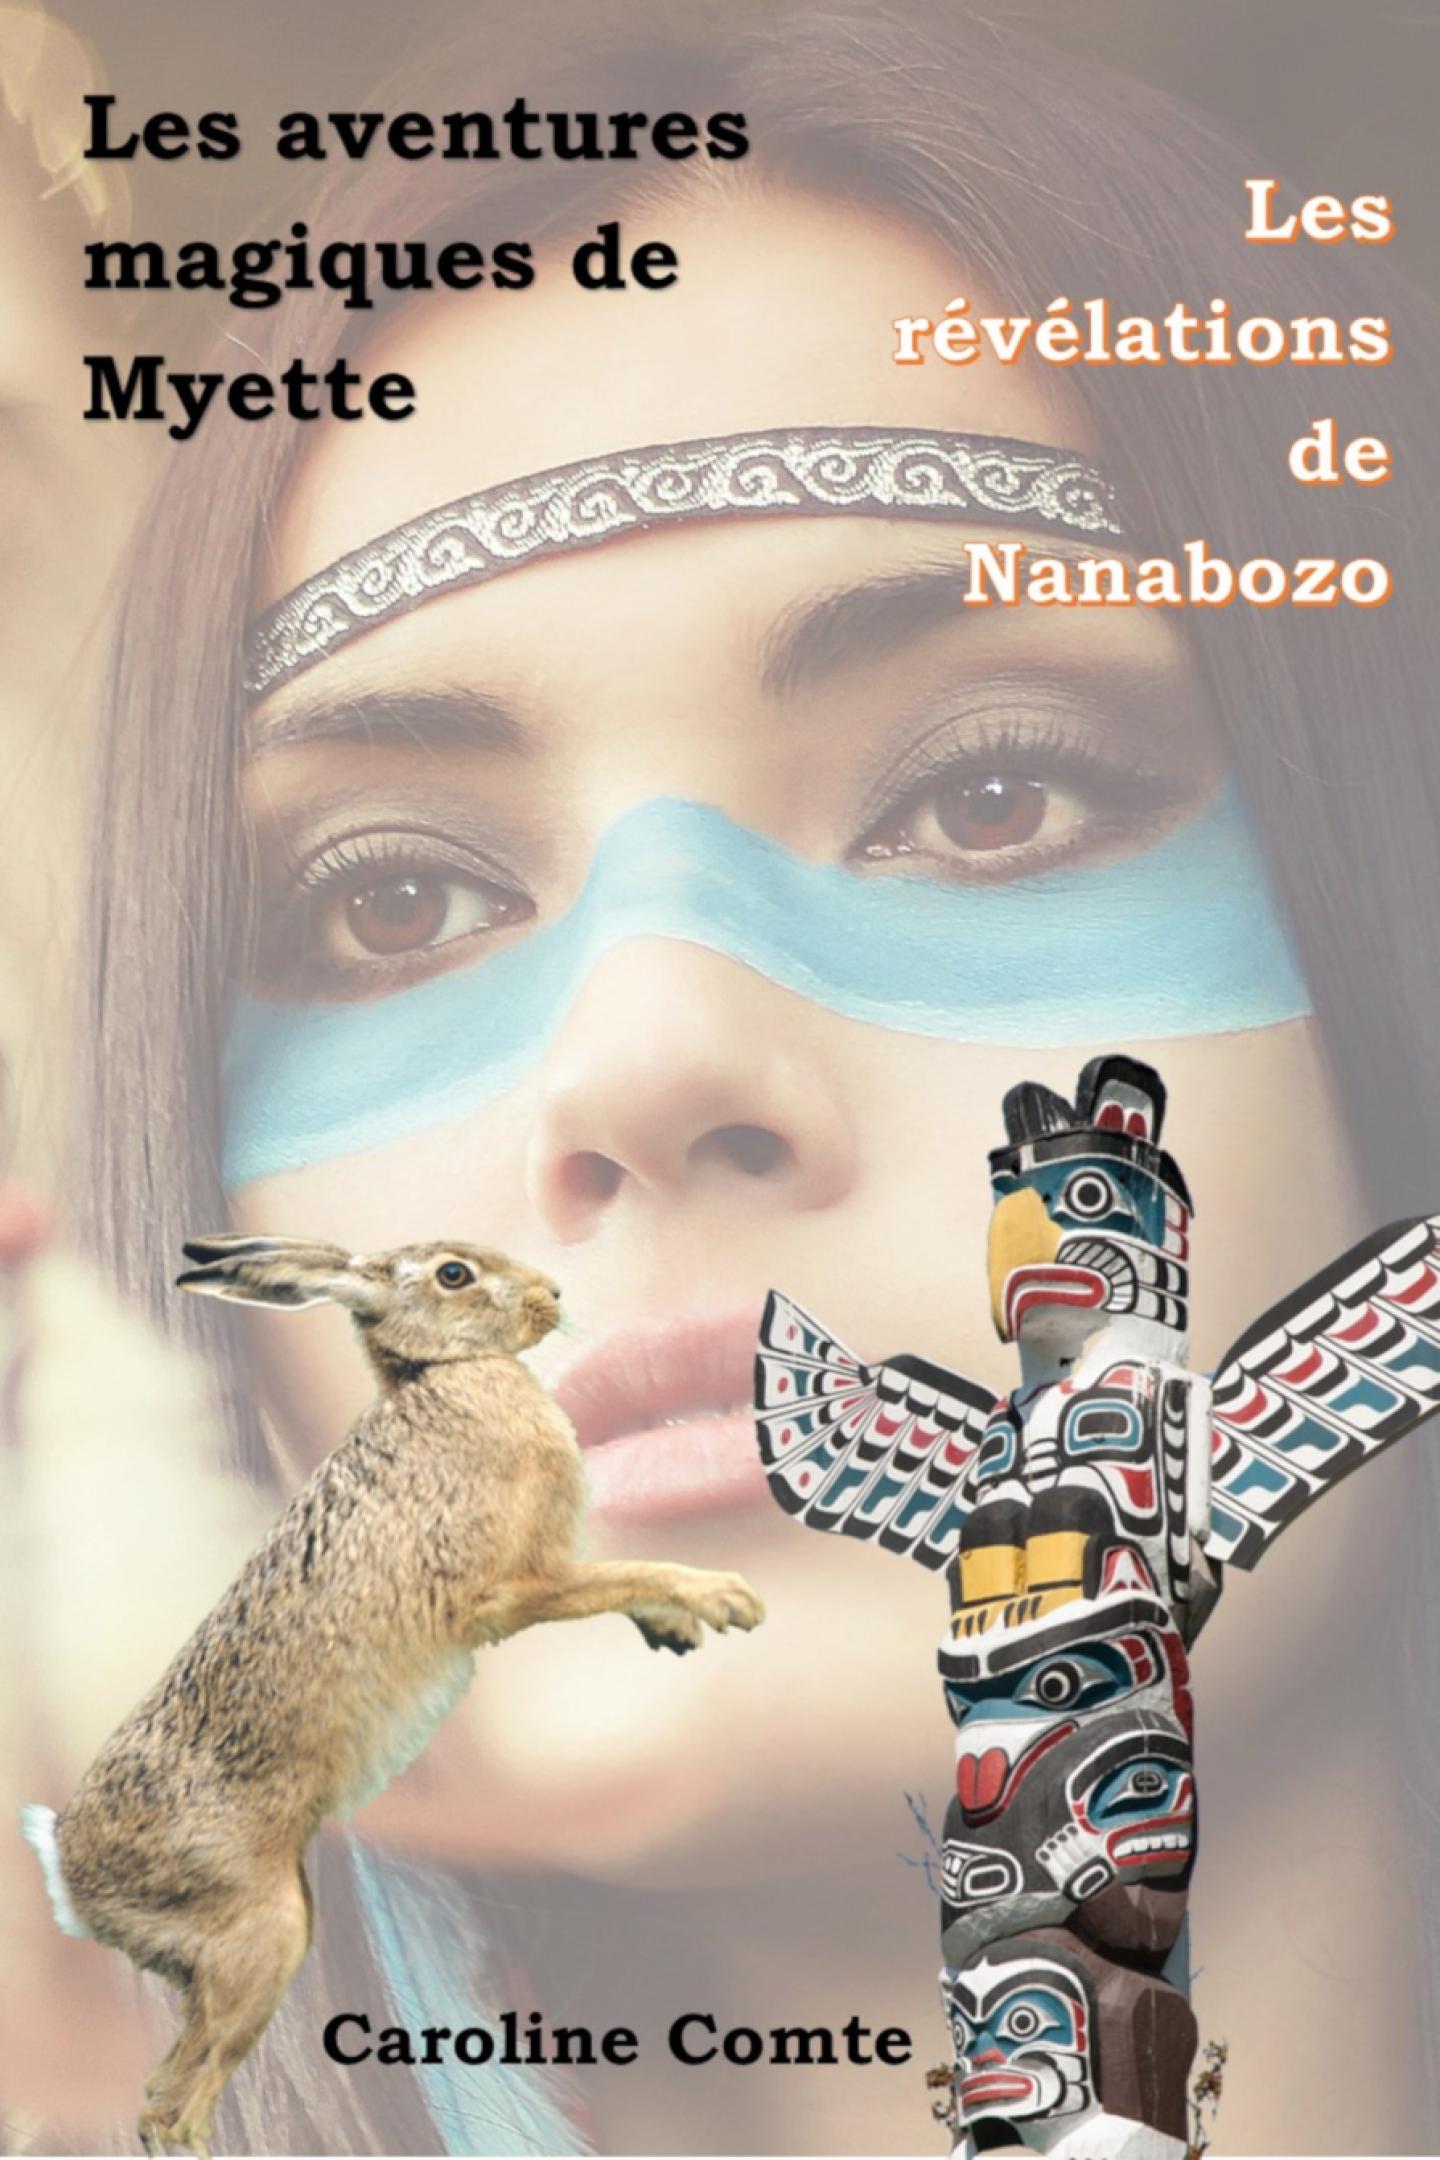 Les révélations de Nanabozo Les aventures magiques de Myette tome 3 de Caroline Comte